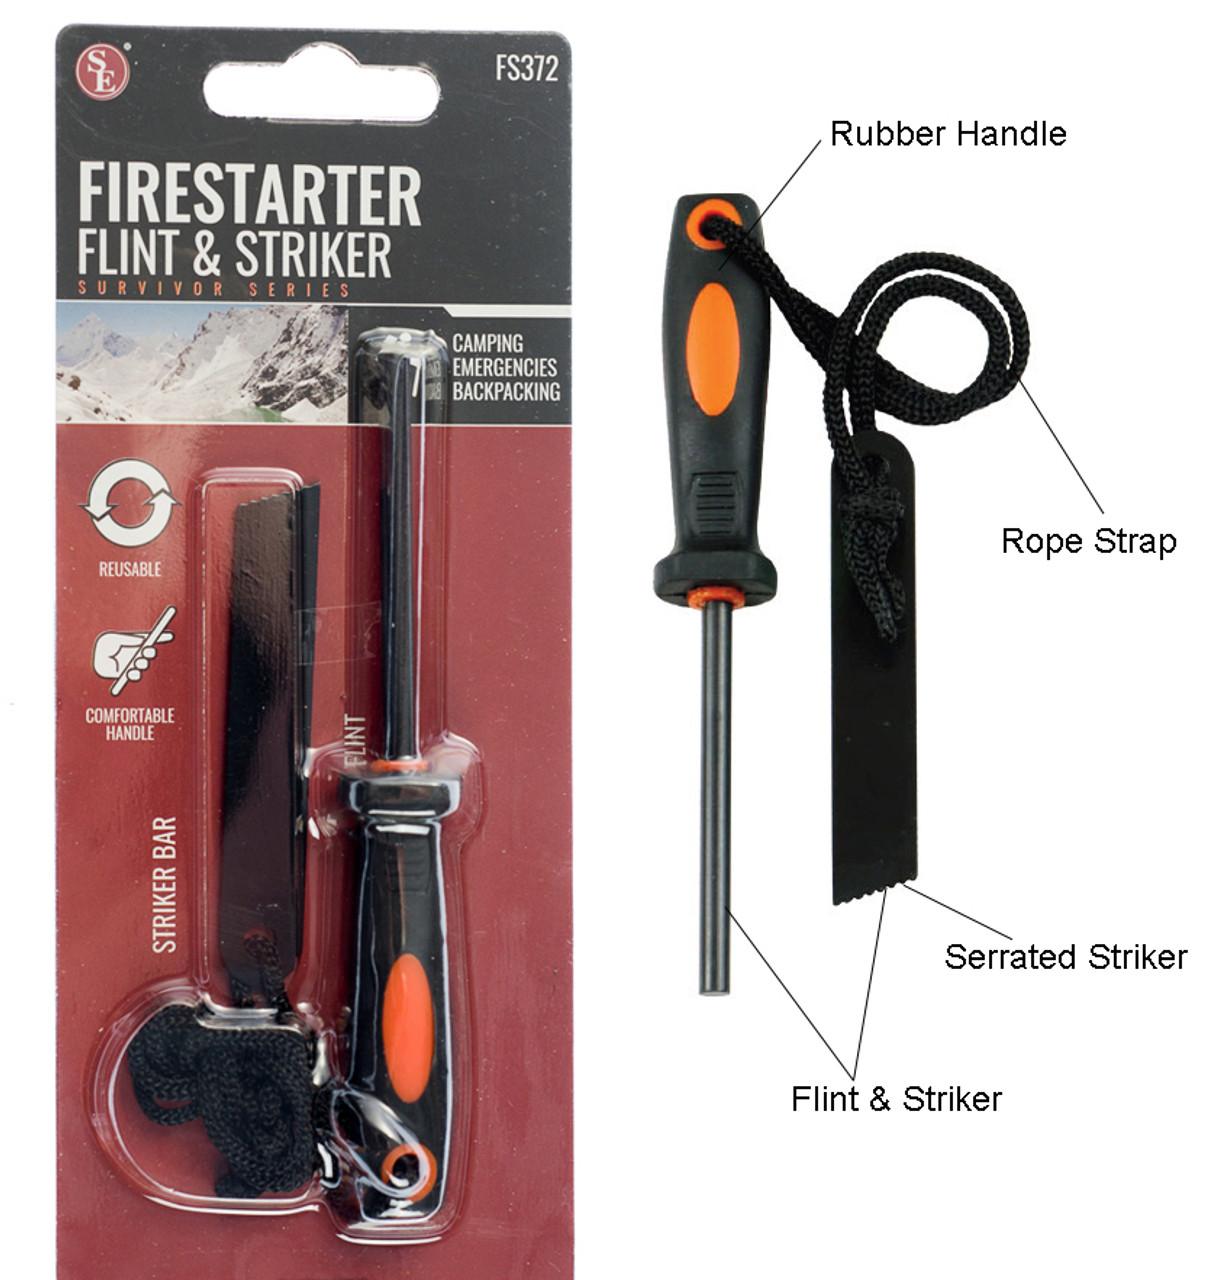 Fire Starter Flint and Striker